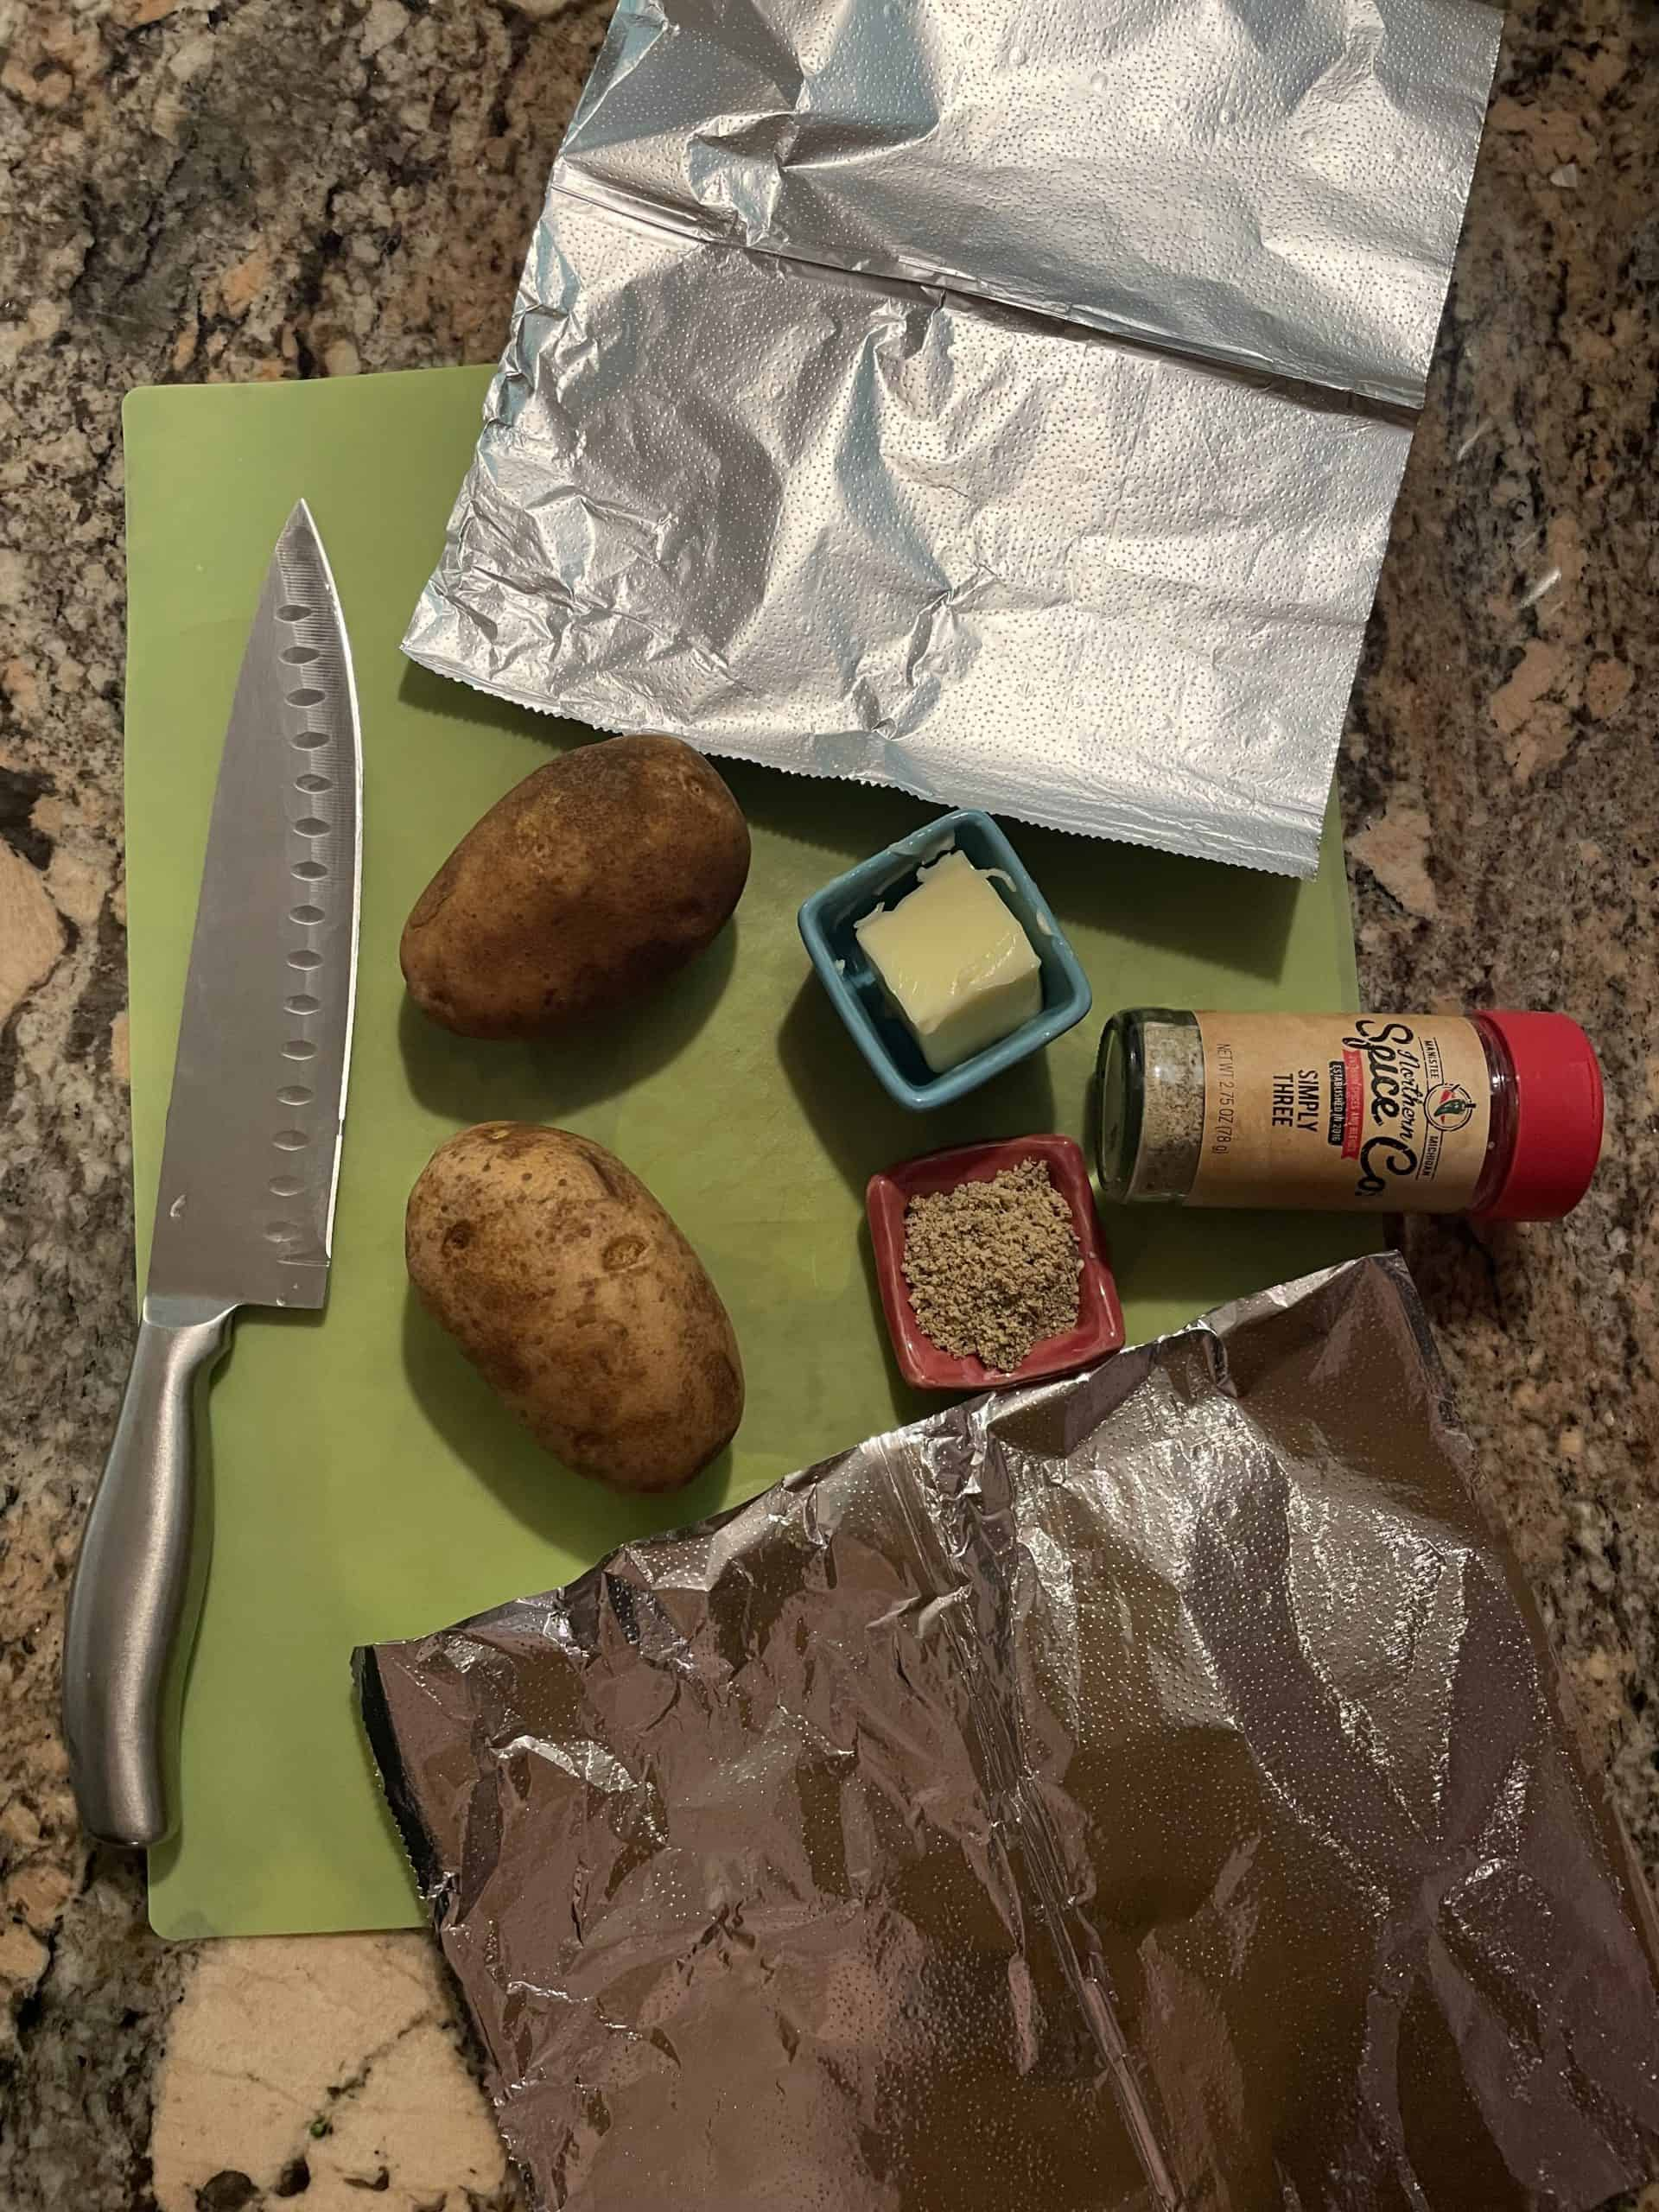 Hasselback Potato Ingredients